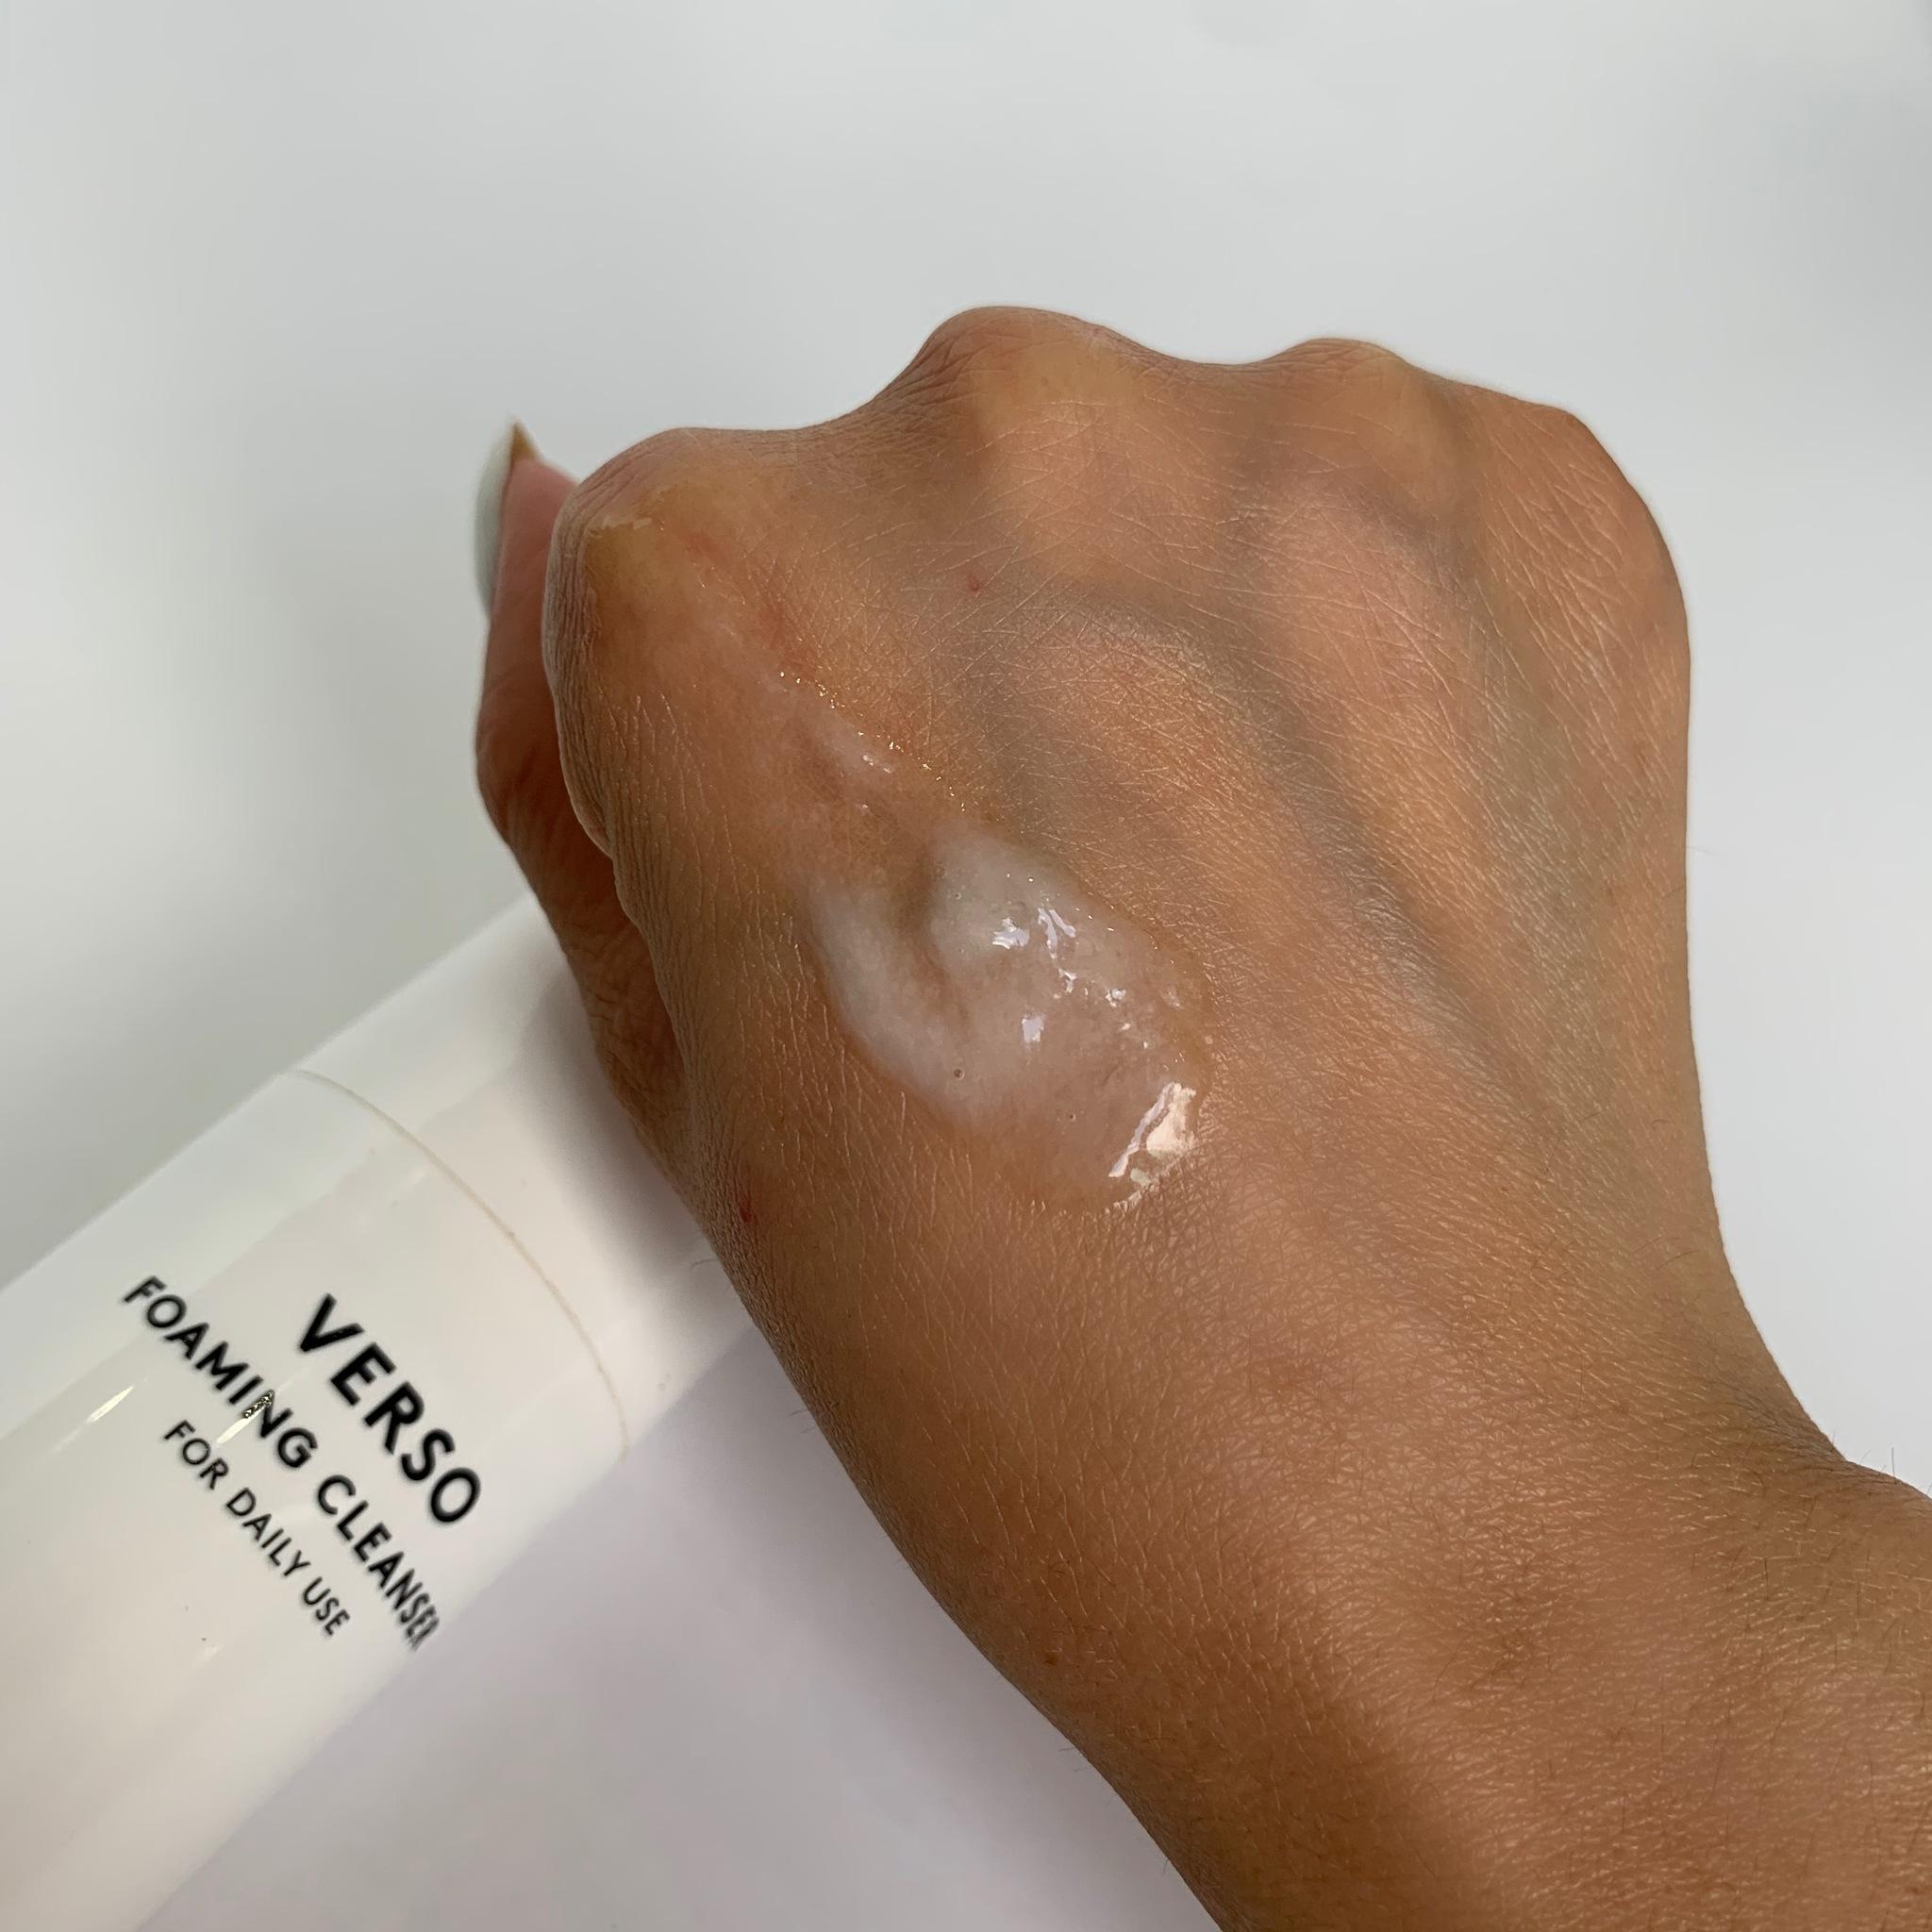 Пенка для умывания Verso Foaming Cleanser 90 ml